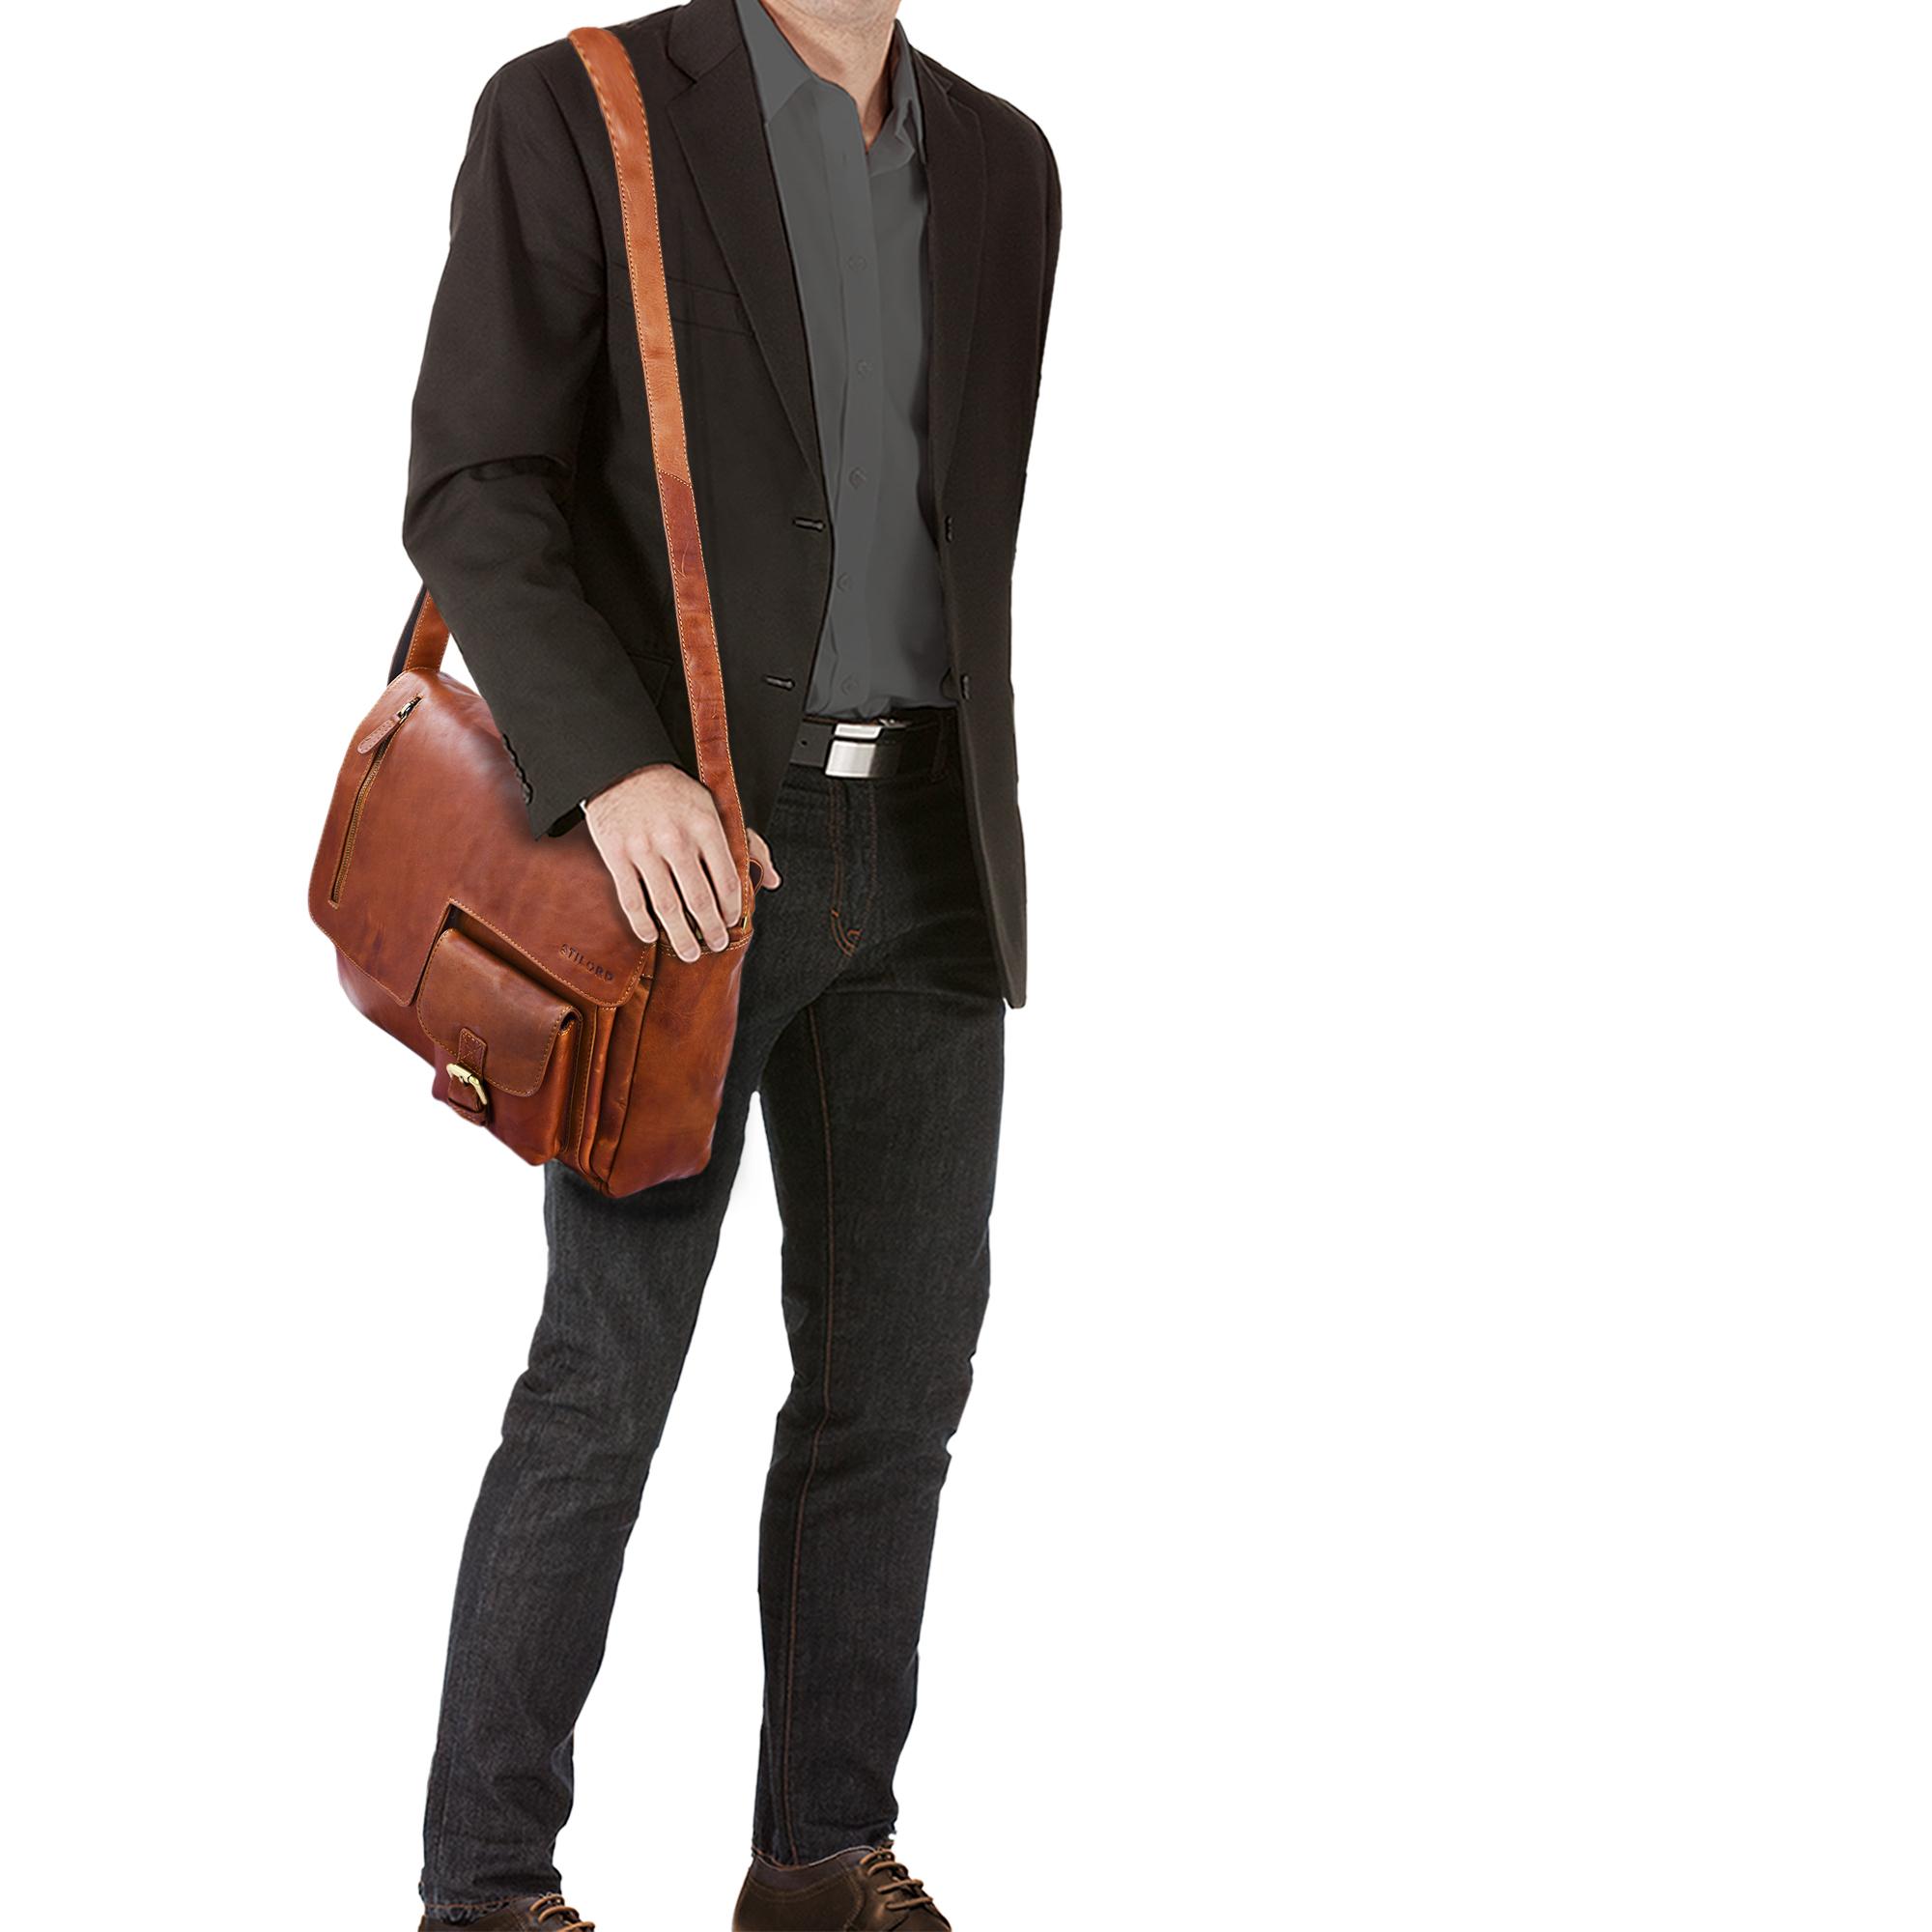 """STILORD """"Mika"""" Ledertasche Vintage braun Herren Damen für Uni Büro Arbeit große Umhängetasche Aktentasche für DIN A4 Aktenordner Laptoptasche 15.6 Zoll Echtleder - Bild 9"""